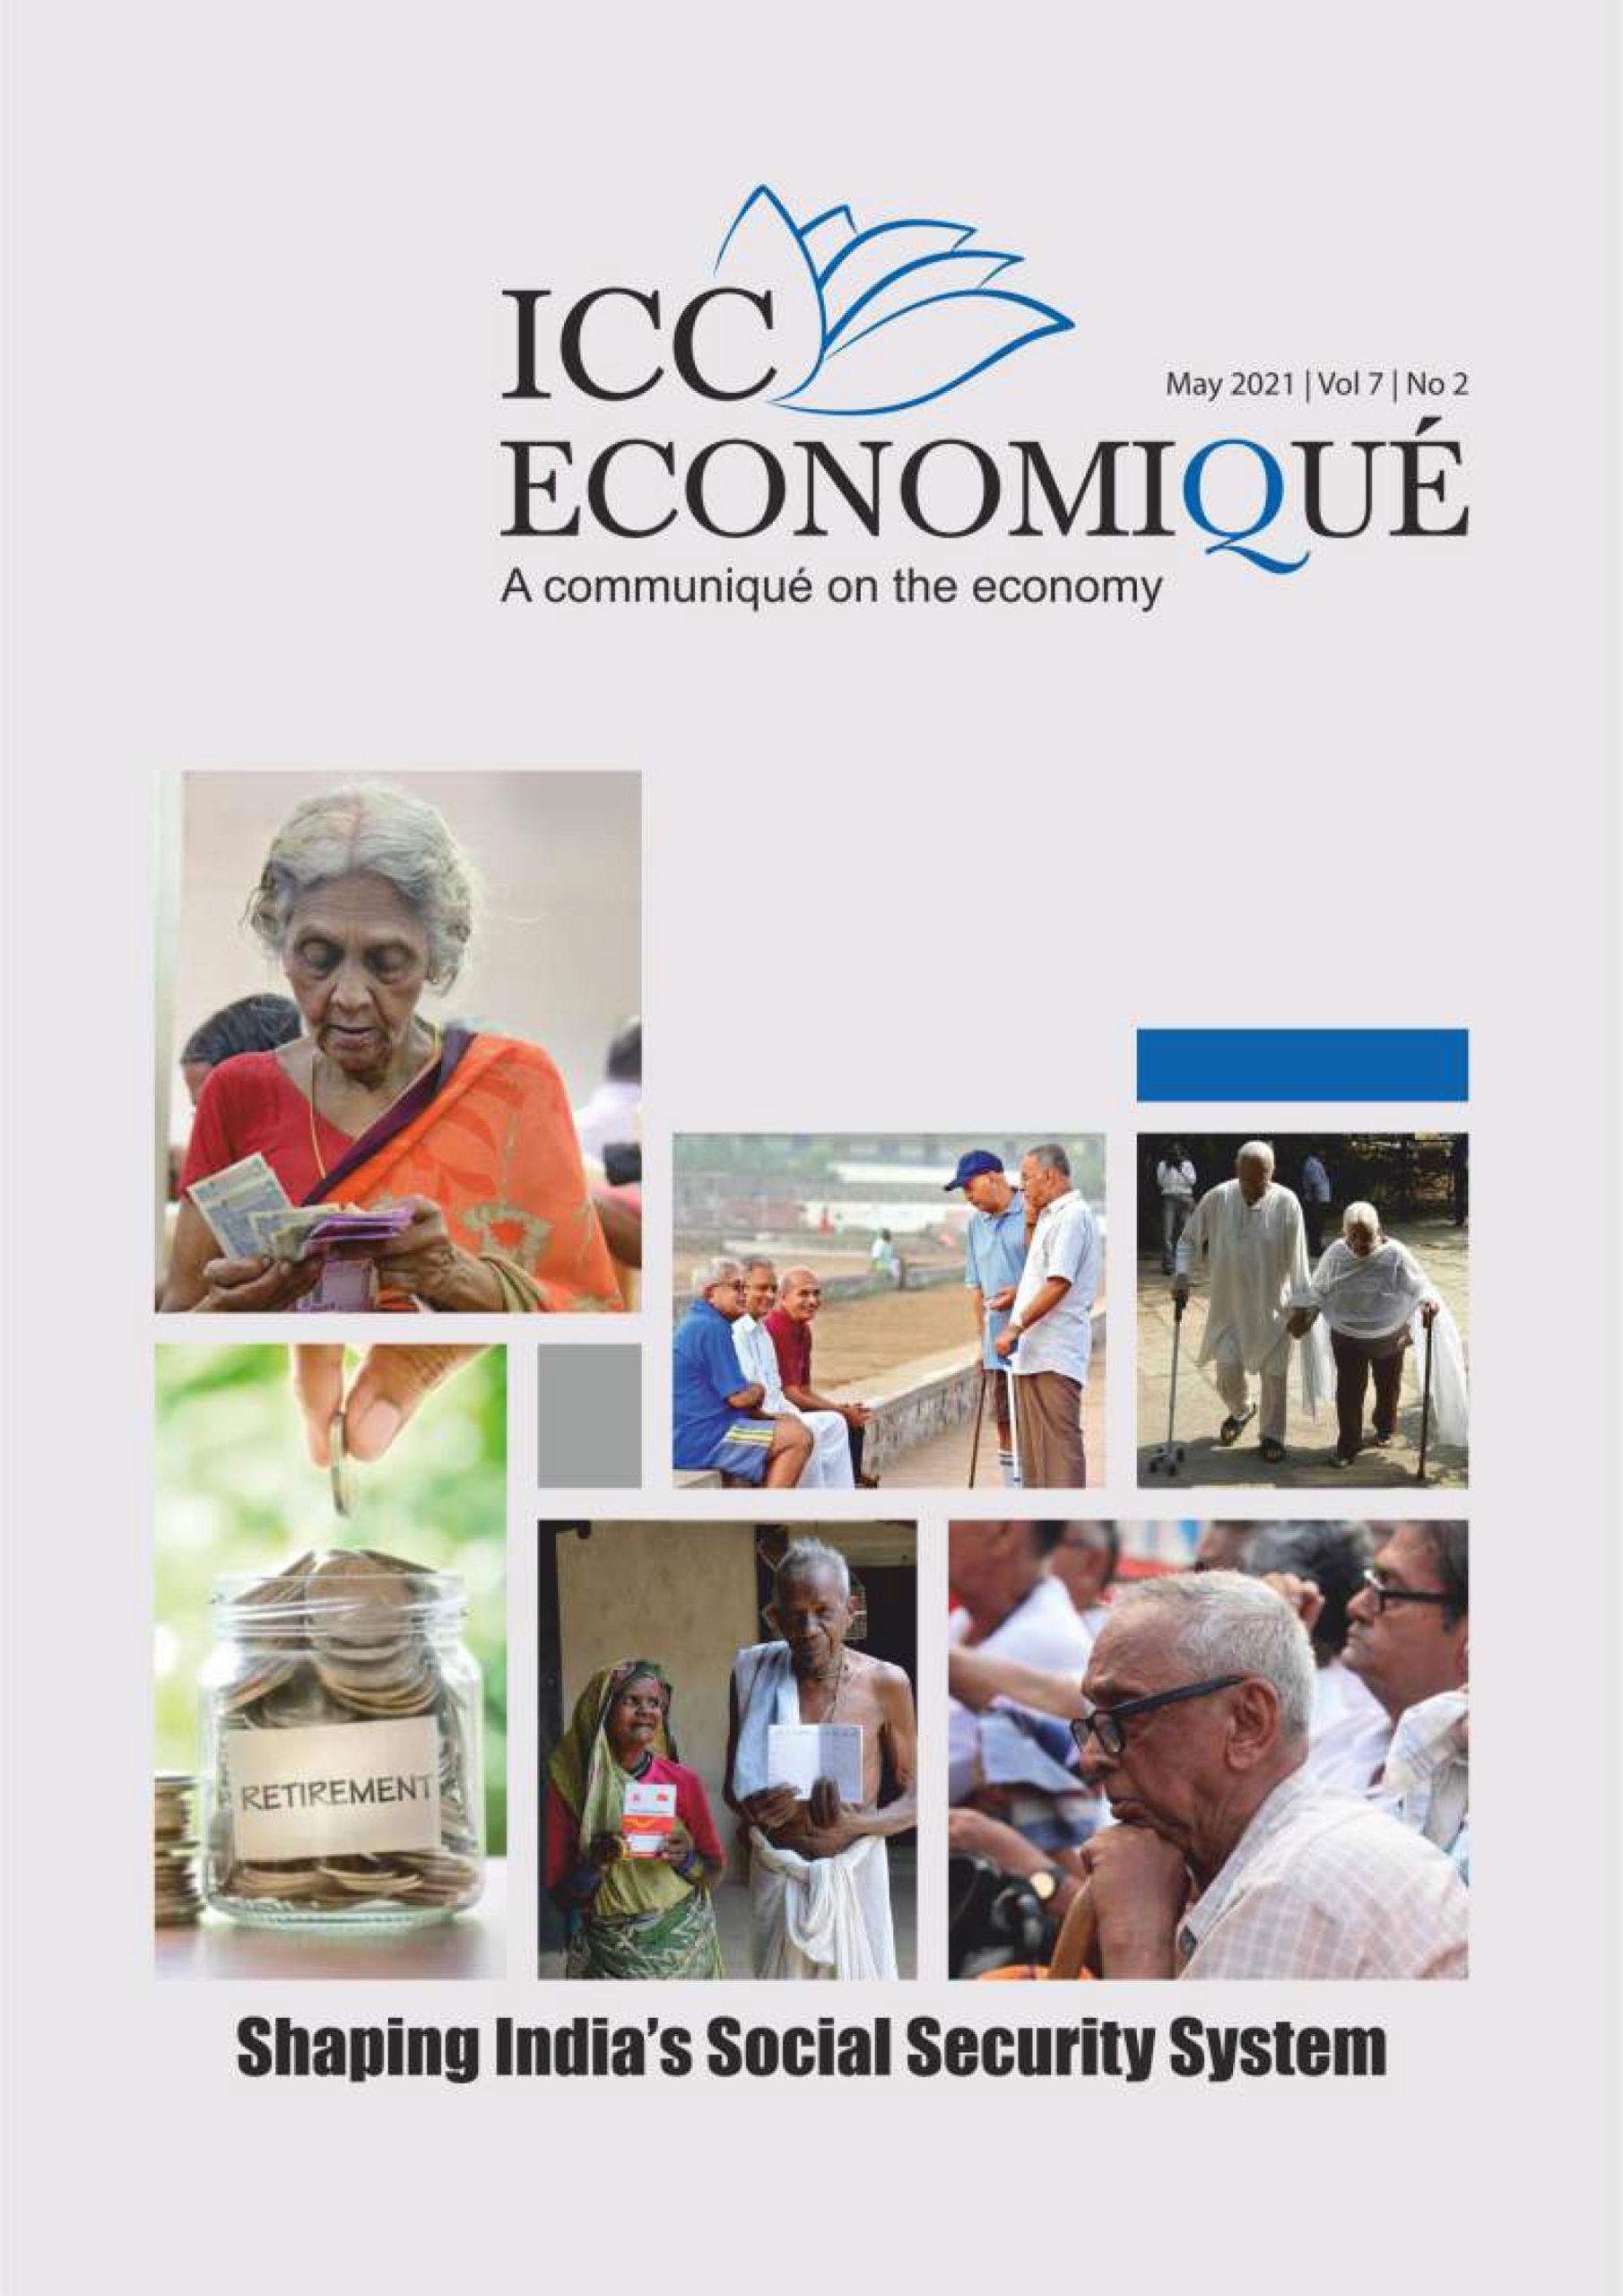 ICC Economique May 2021 | Vol 7 | No 2